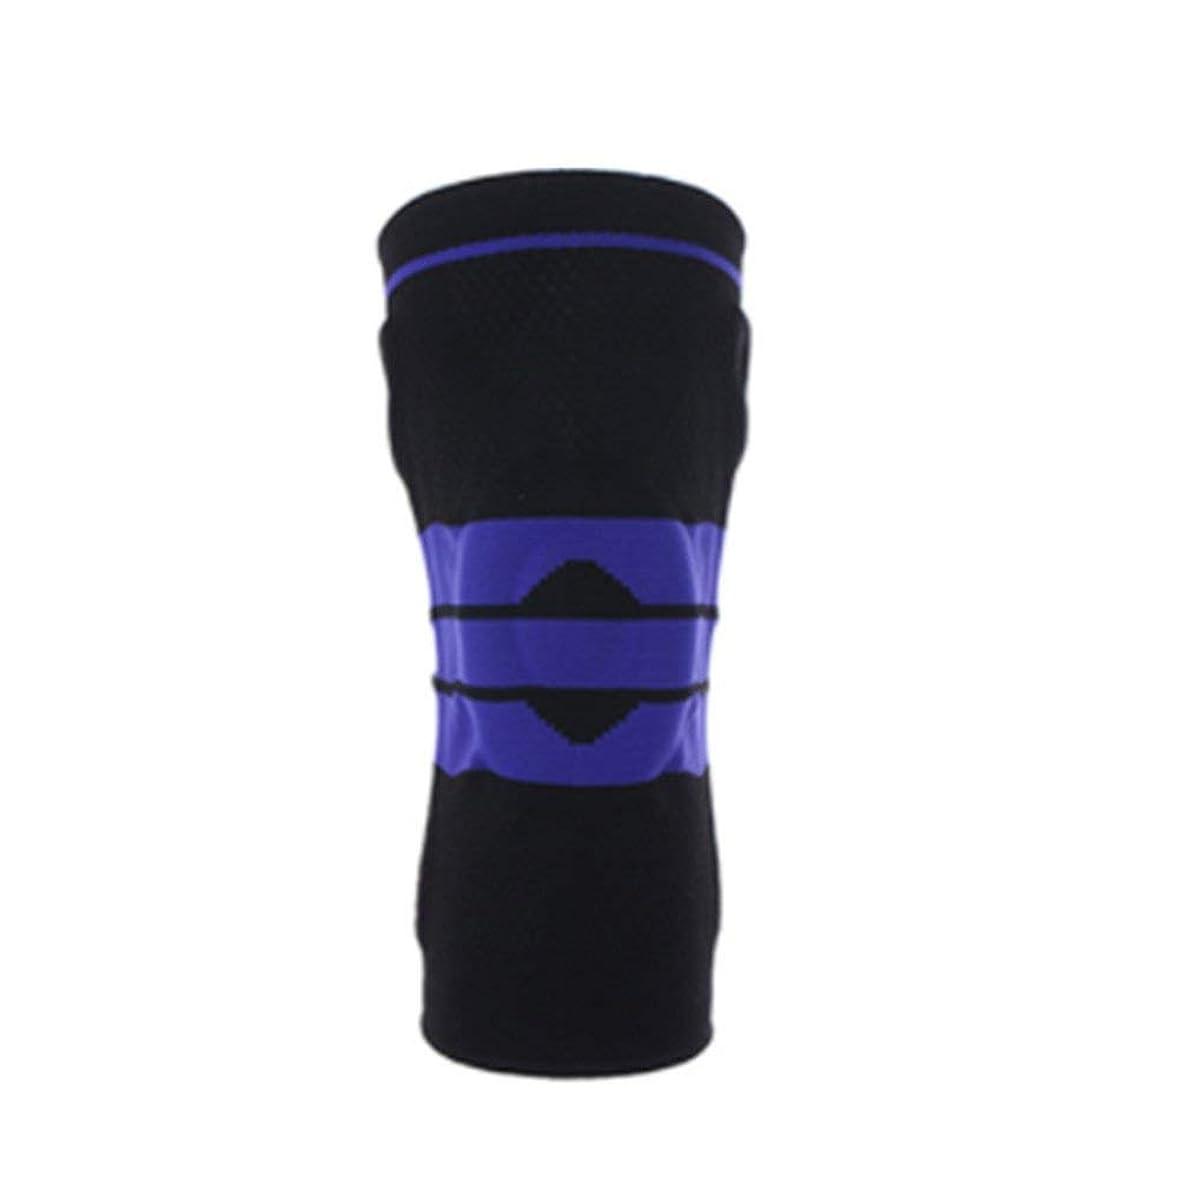 年次スラックたっぷり男性と女性のスポーツ膝パッドシリコーンスプリングニット膝パッドバスケットボール-Rustle666